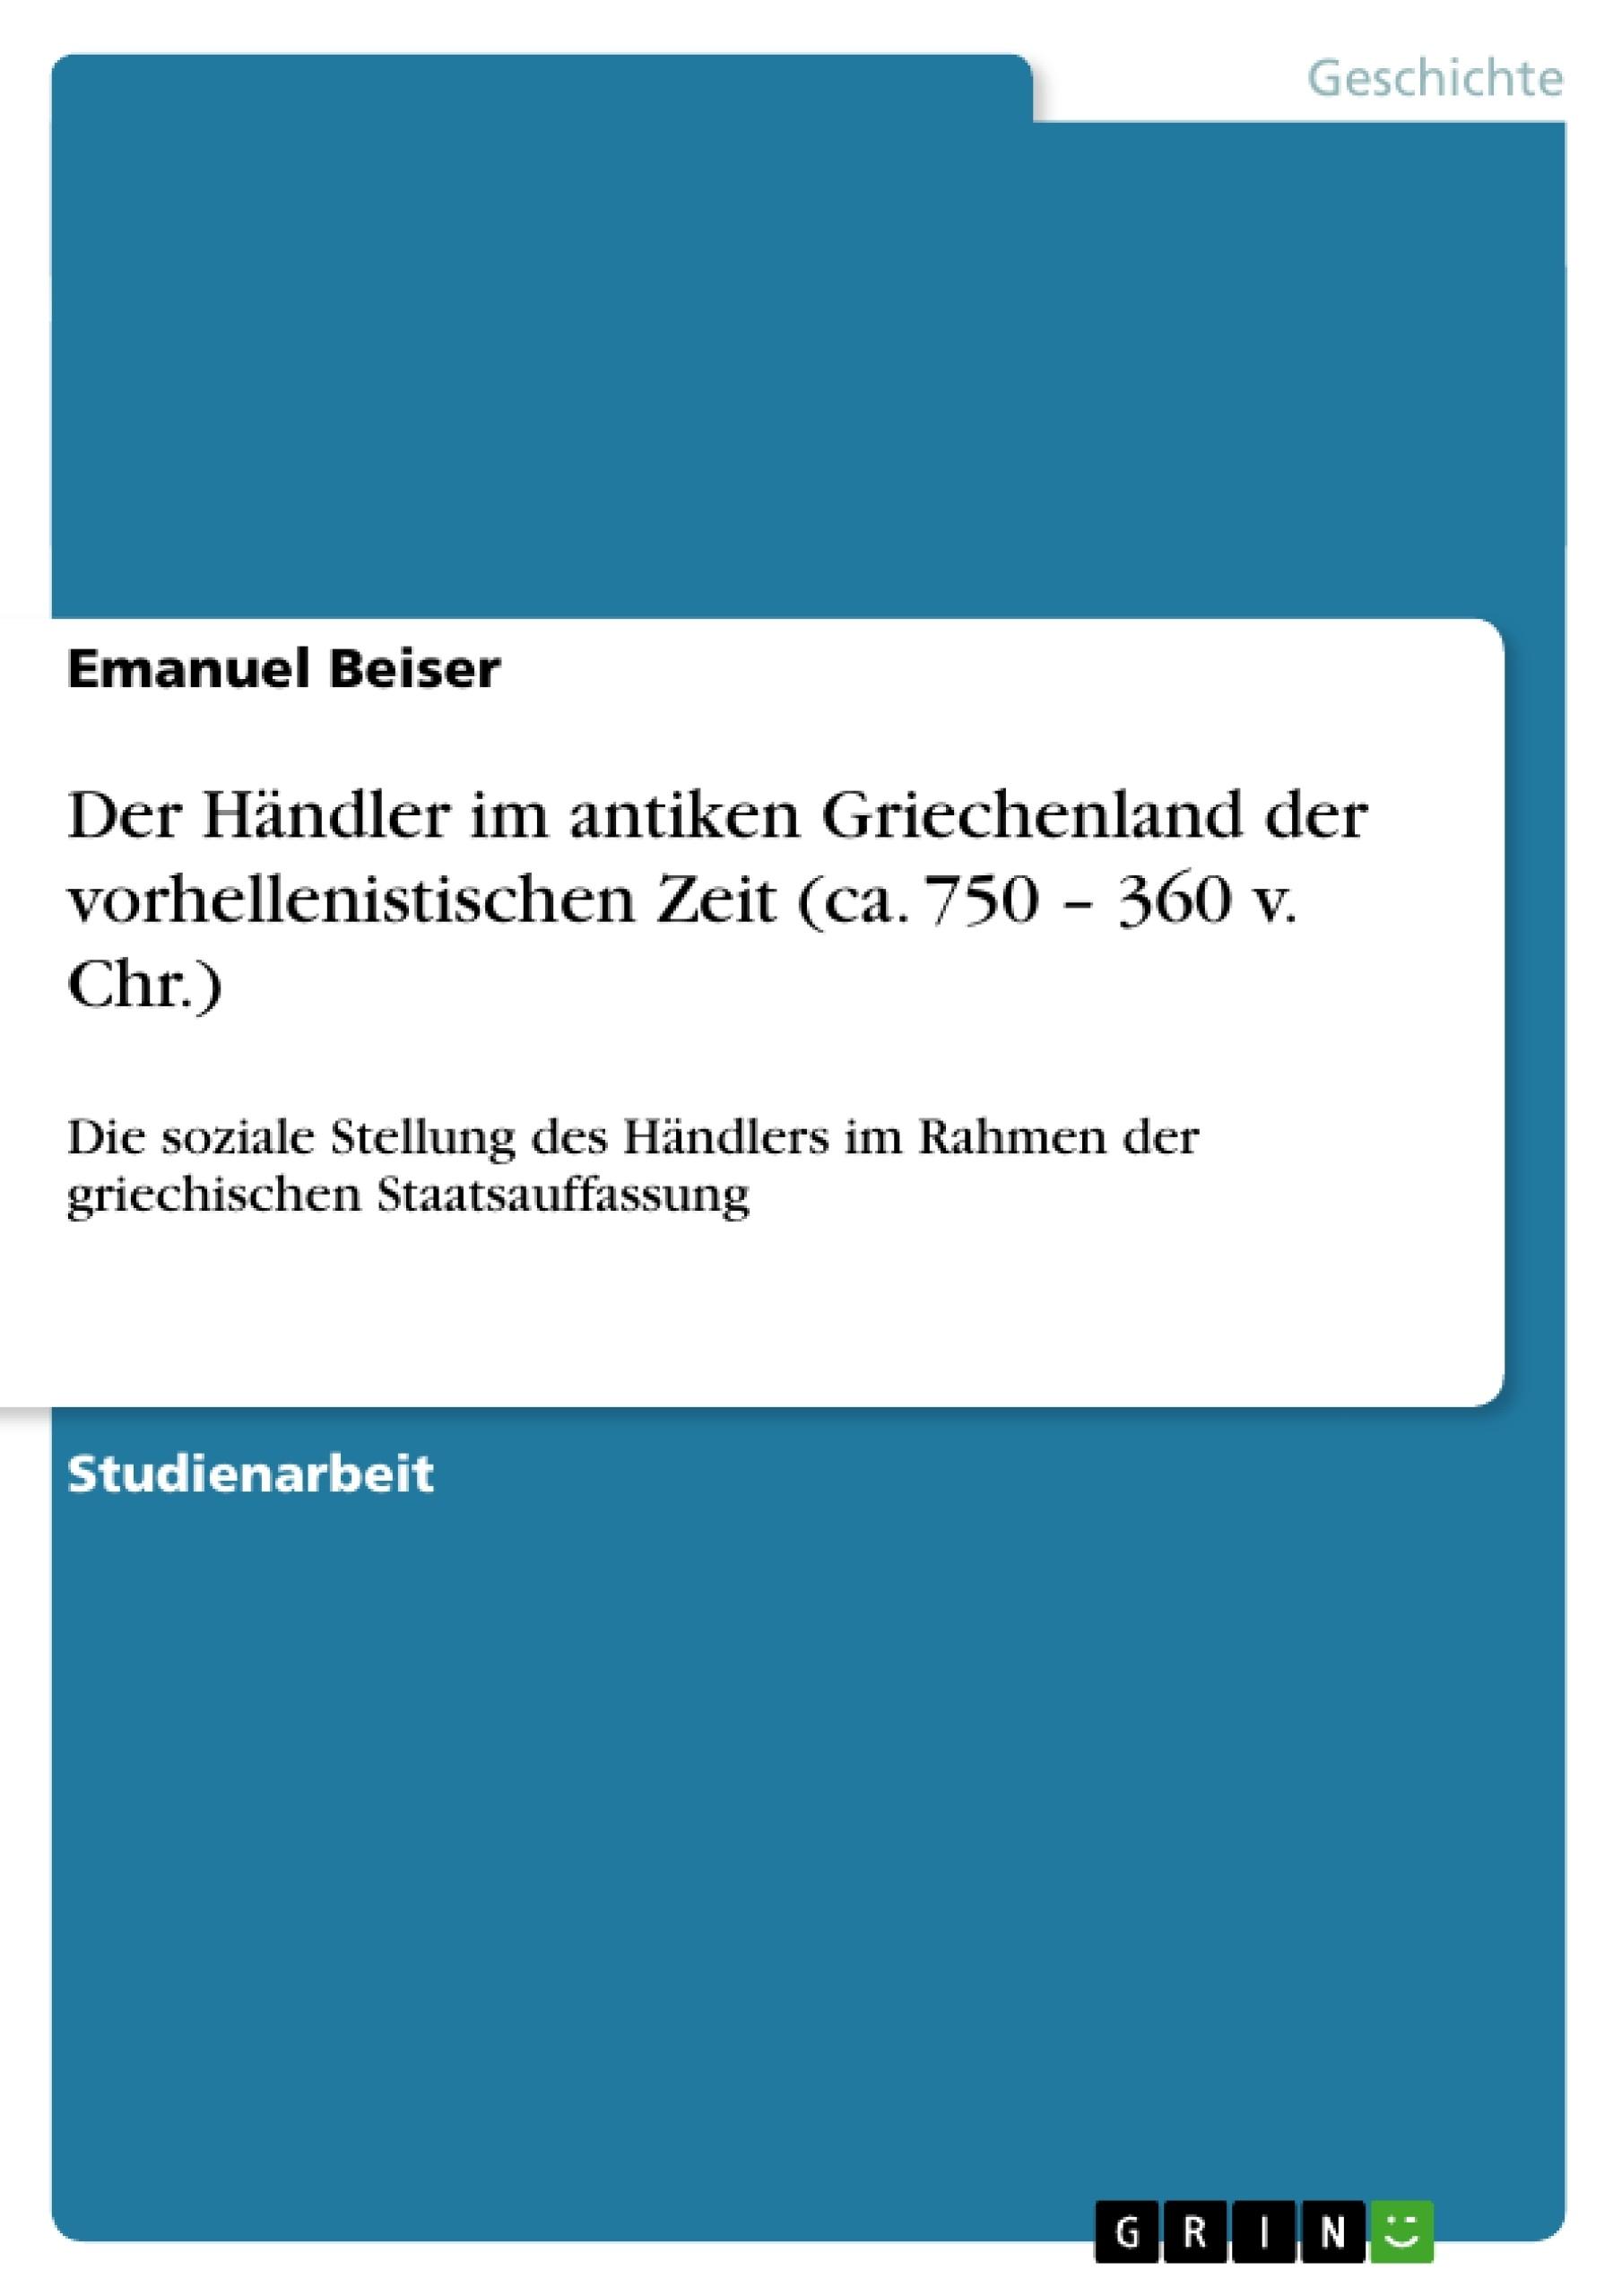 Titel: Der Händler im antiken Griechenland der vorhellenistischen Zeit (ca. 750 – 360 v. Chr.)